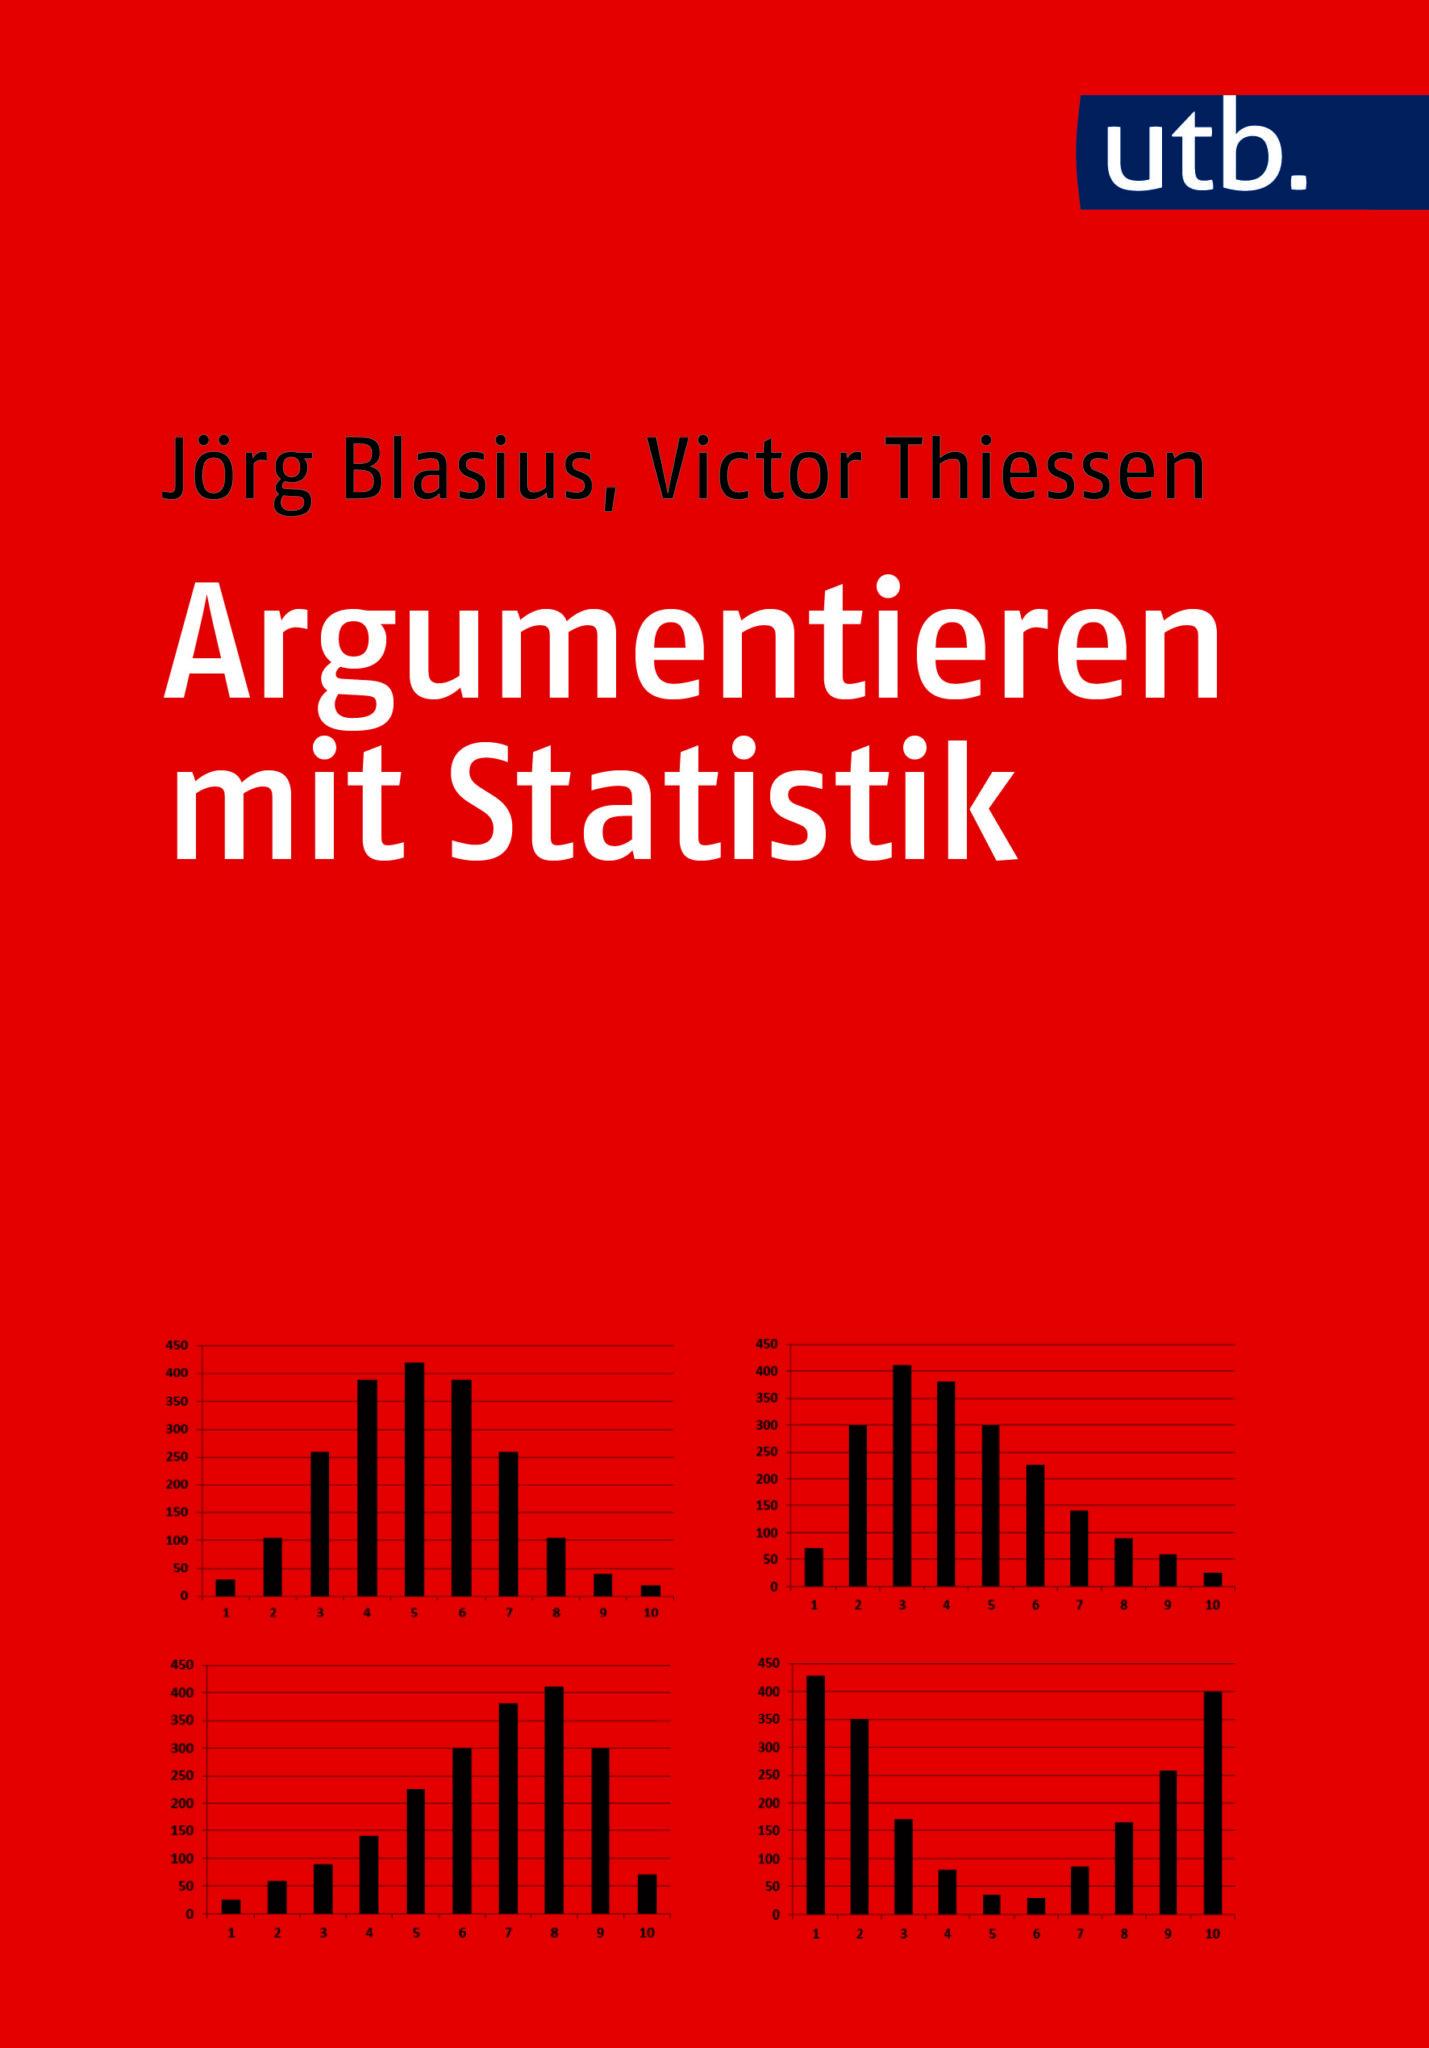 Blasius/Thiessen: Argumentieren mit Statistik. Blasius/Thiessen / Argumentieren mit Statistik. ISBN: 978-3-8252-5465-0. Verlag Barbara Budrich. UTB